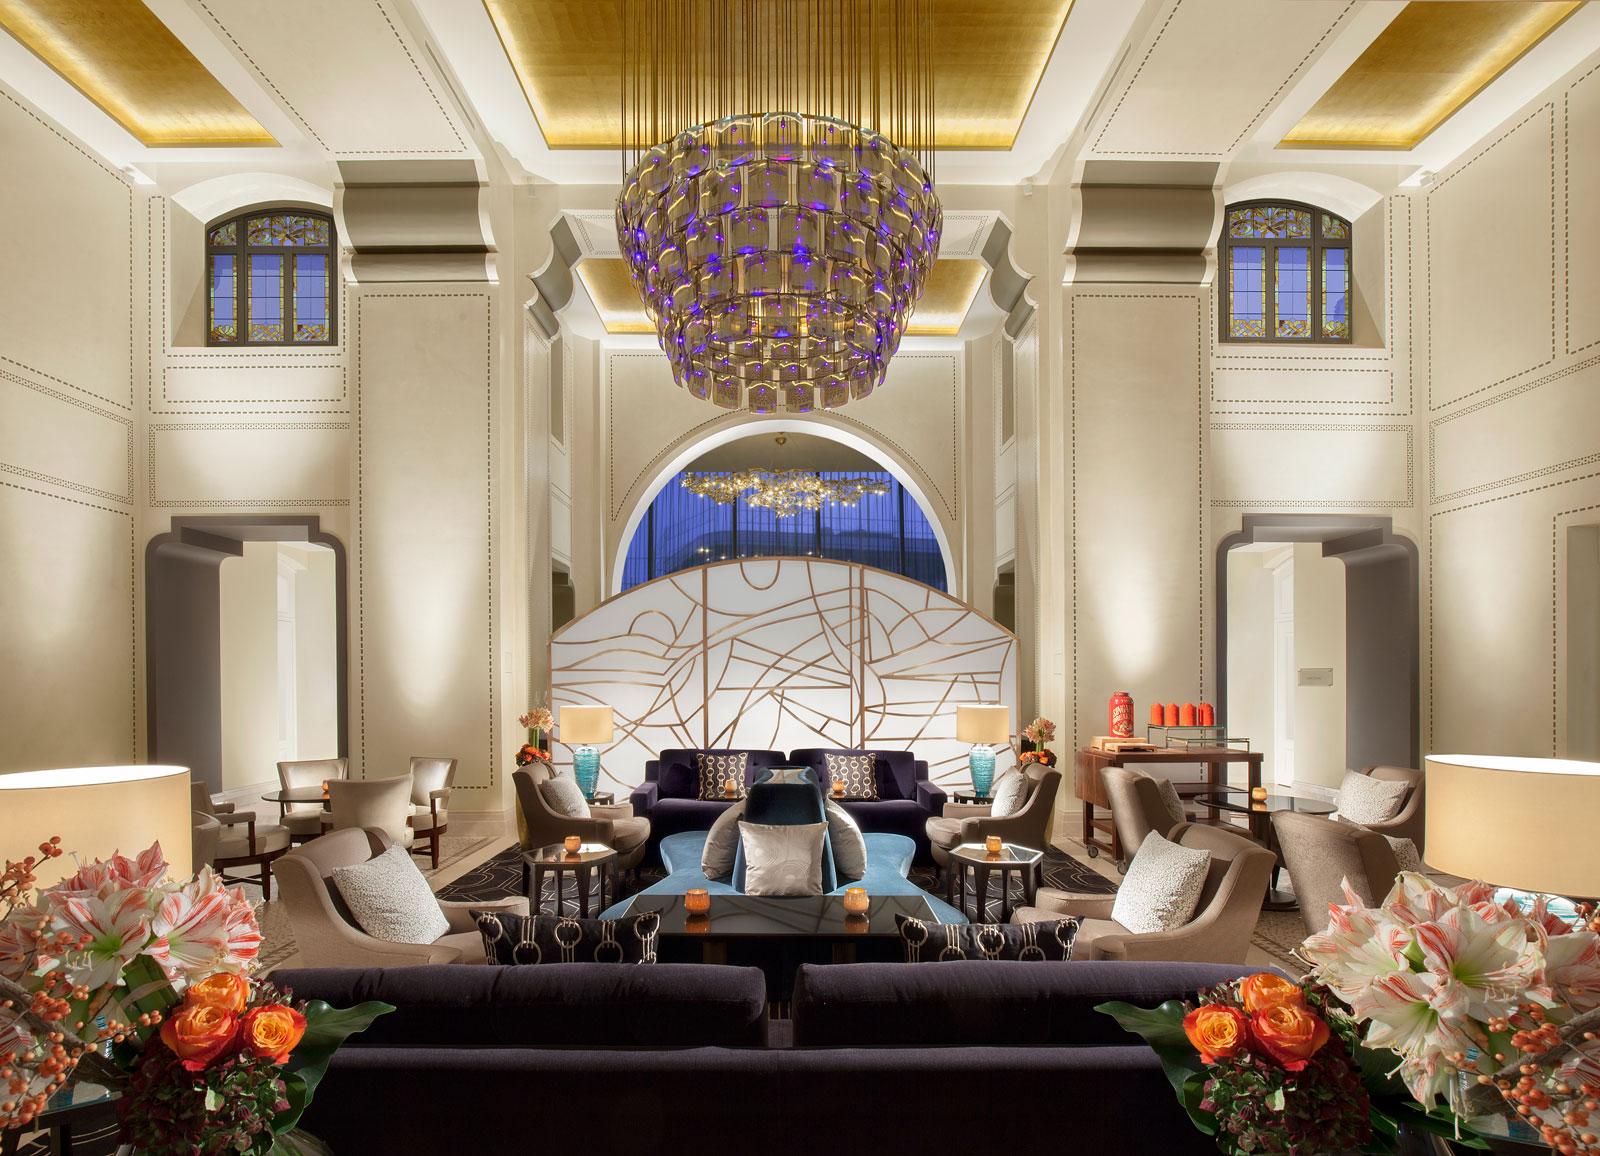 hotel-royal-savoy-lausanne-main-lobby